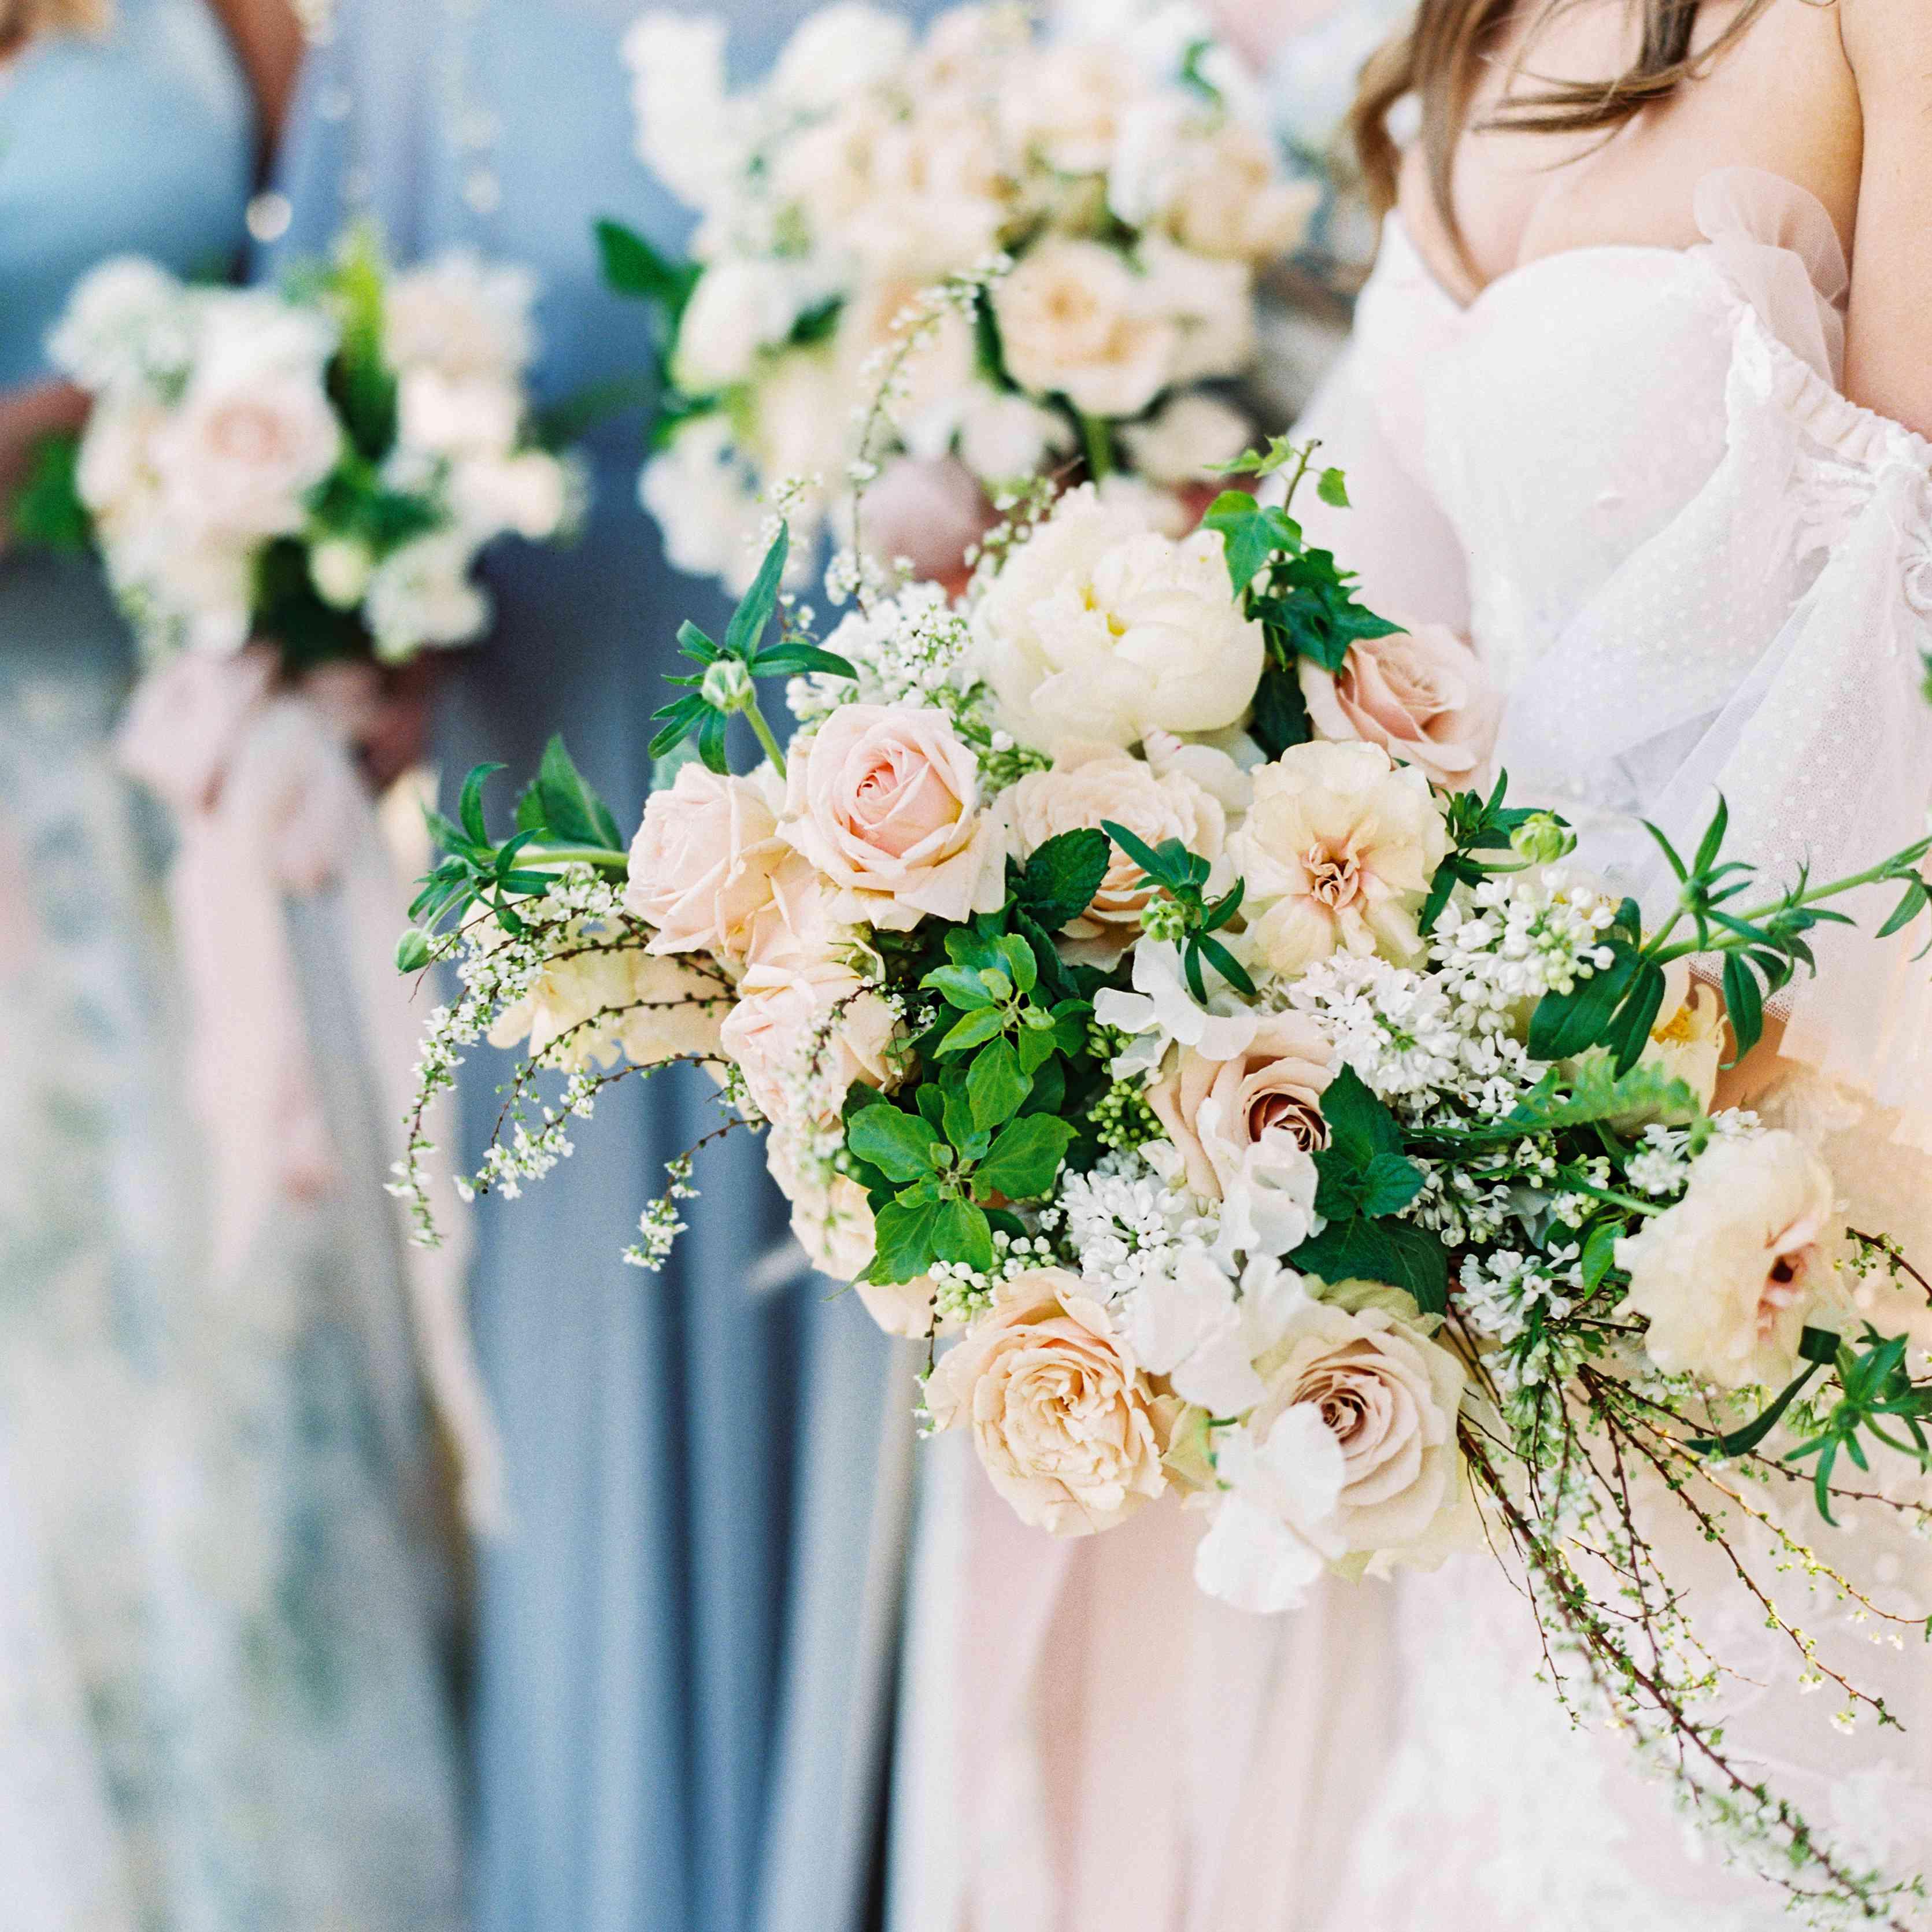 <p>wedding bridesmaid bouquets</p><br><br>